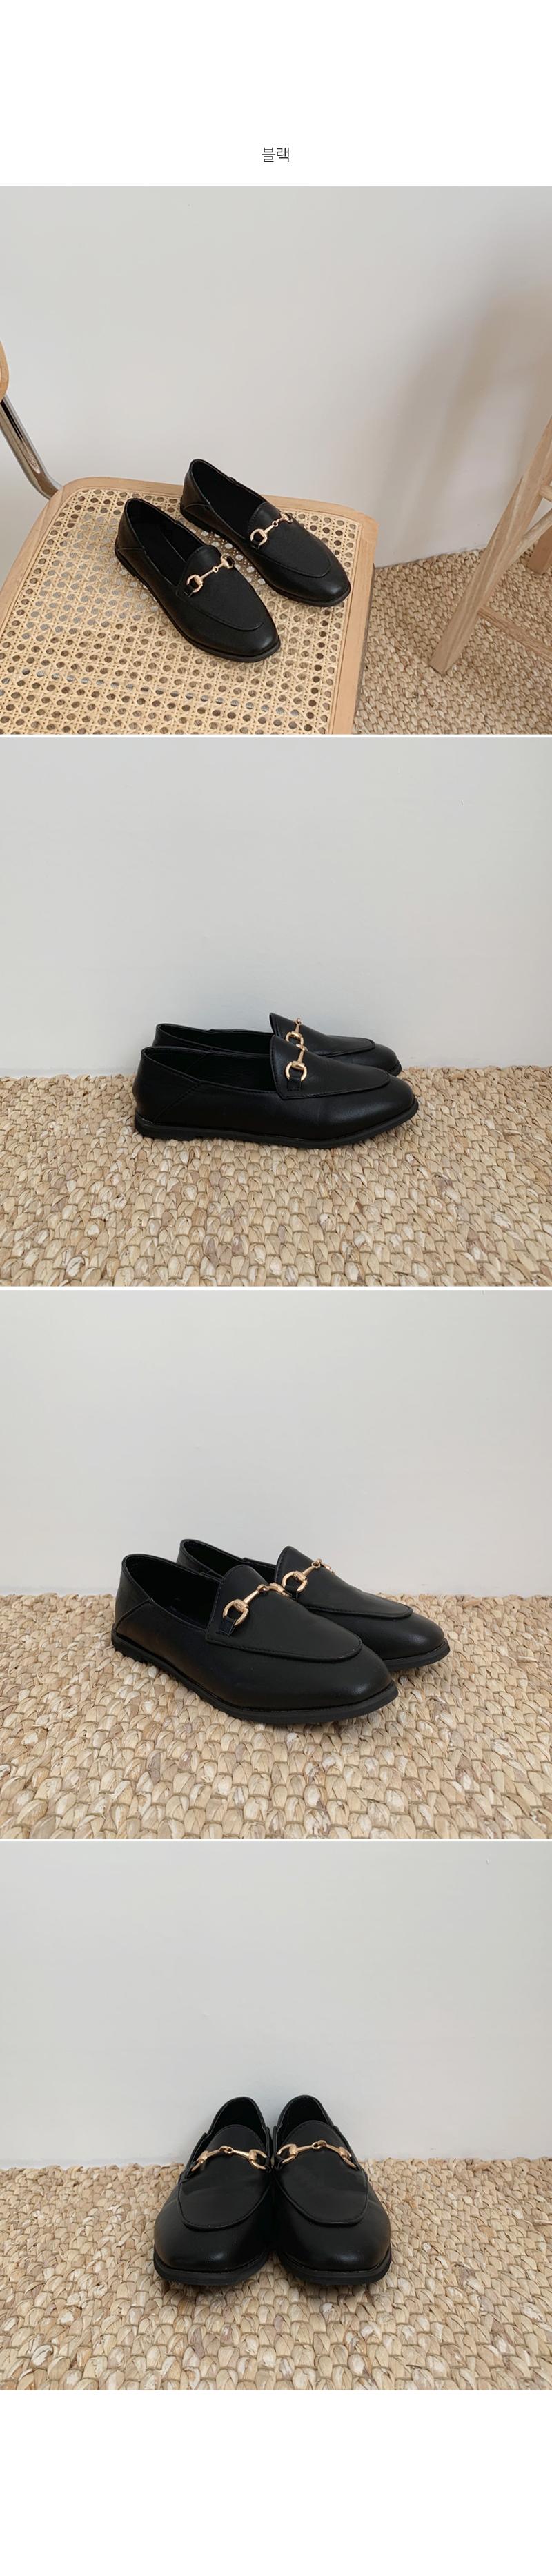 Horsebit blower loafers